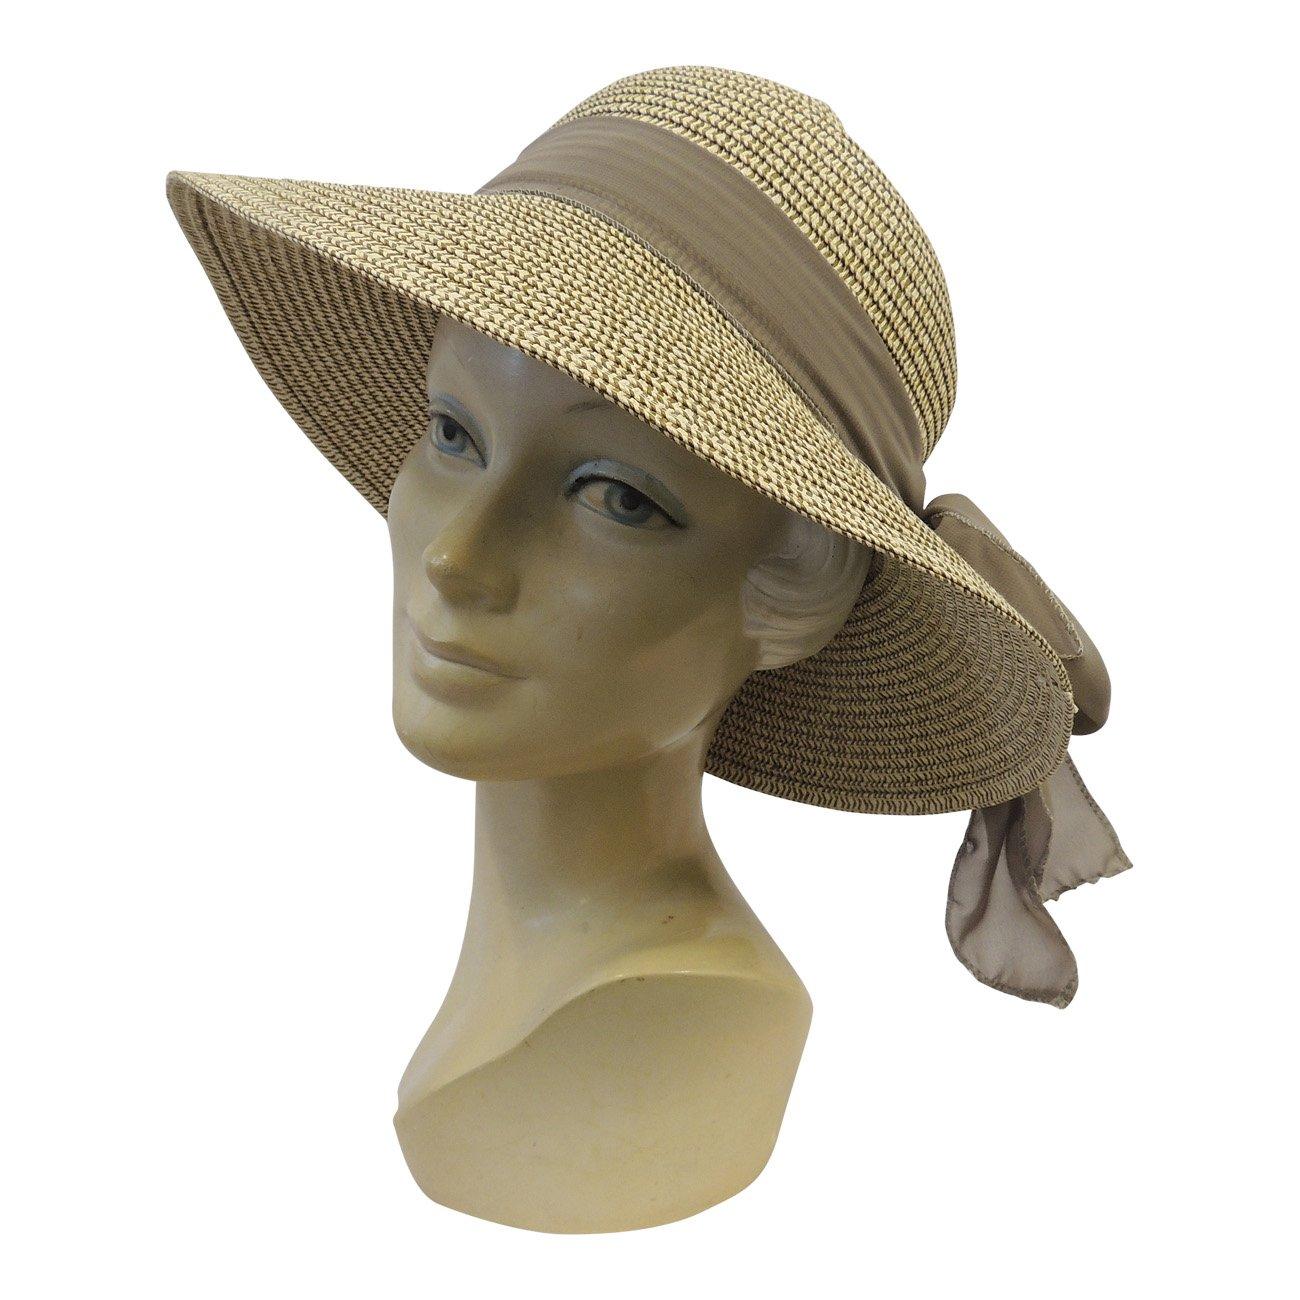 e5bc8bd270cc63 New Retro Wide Brim Raffia Chiffon Summer Sun Hat 1920's 1930's 1940's Style:  Rosa Rosa: Amazon.co.uk: Clothing